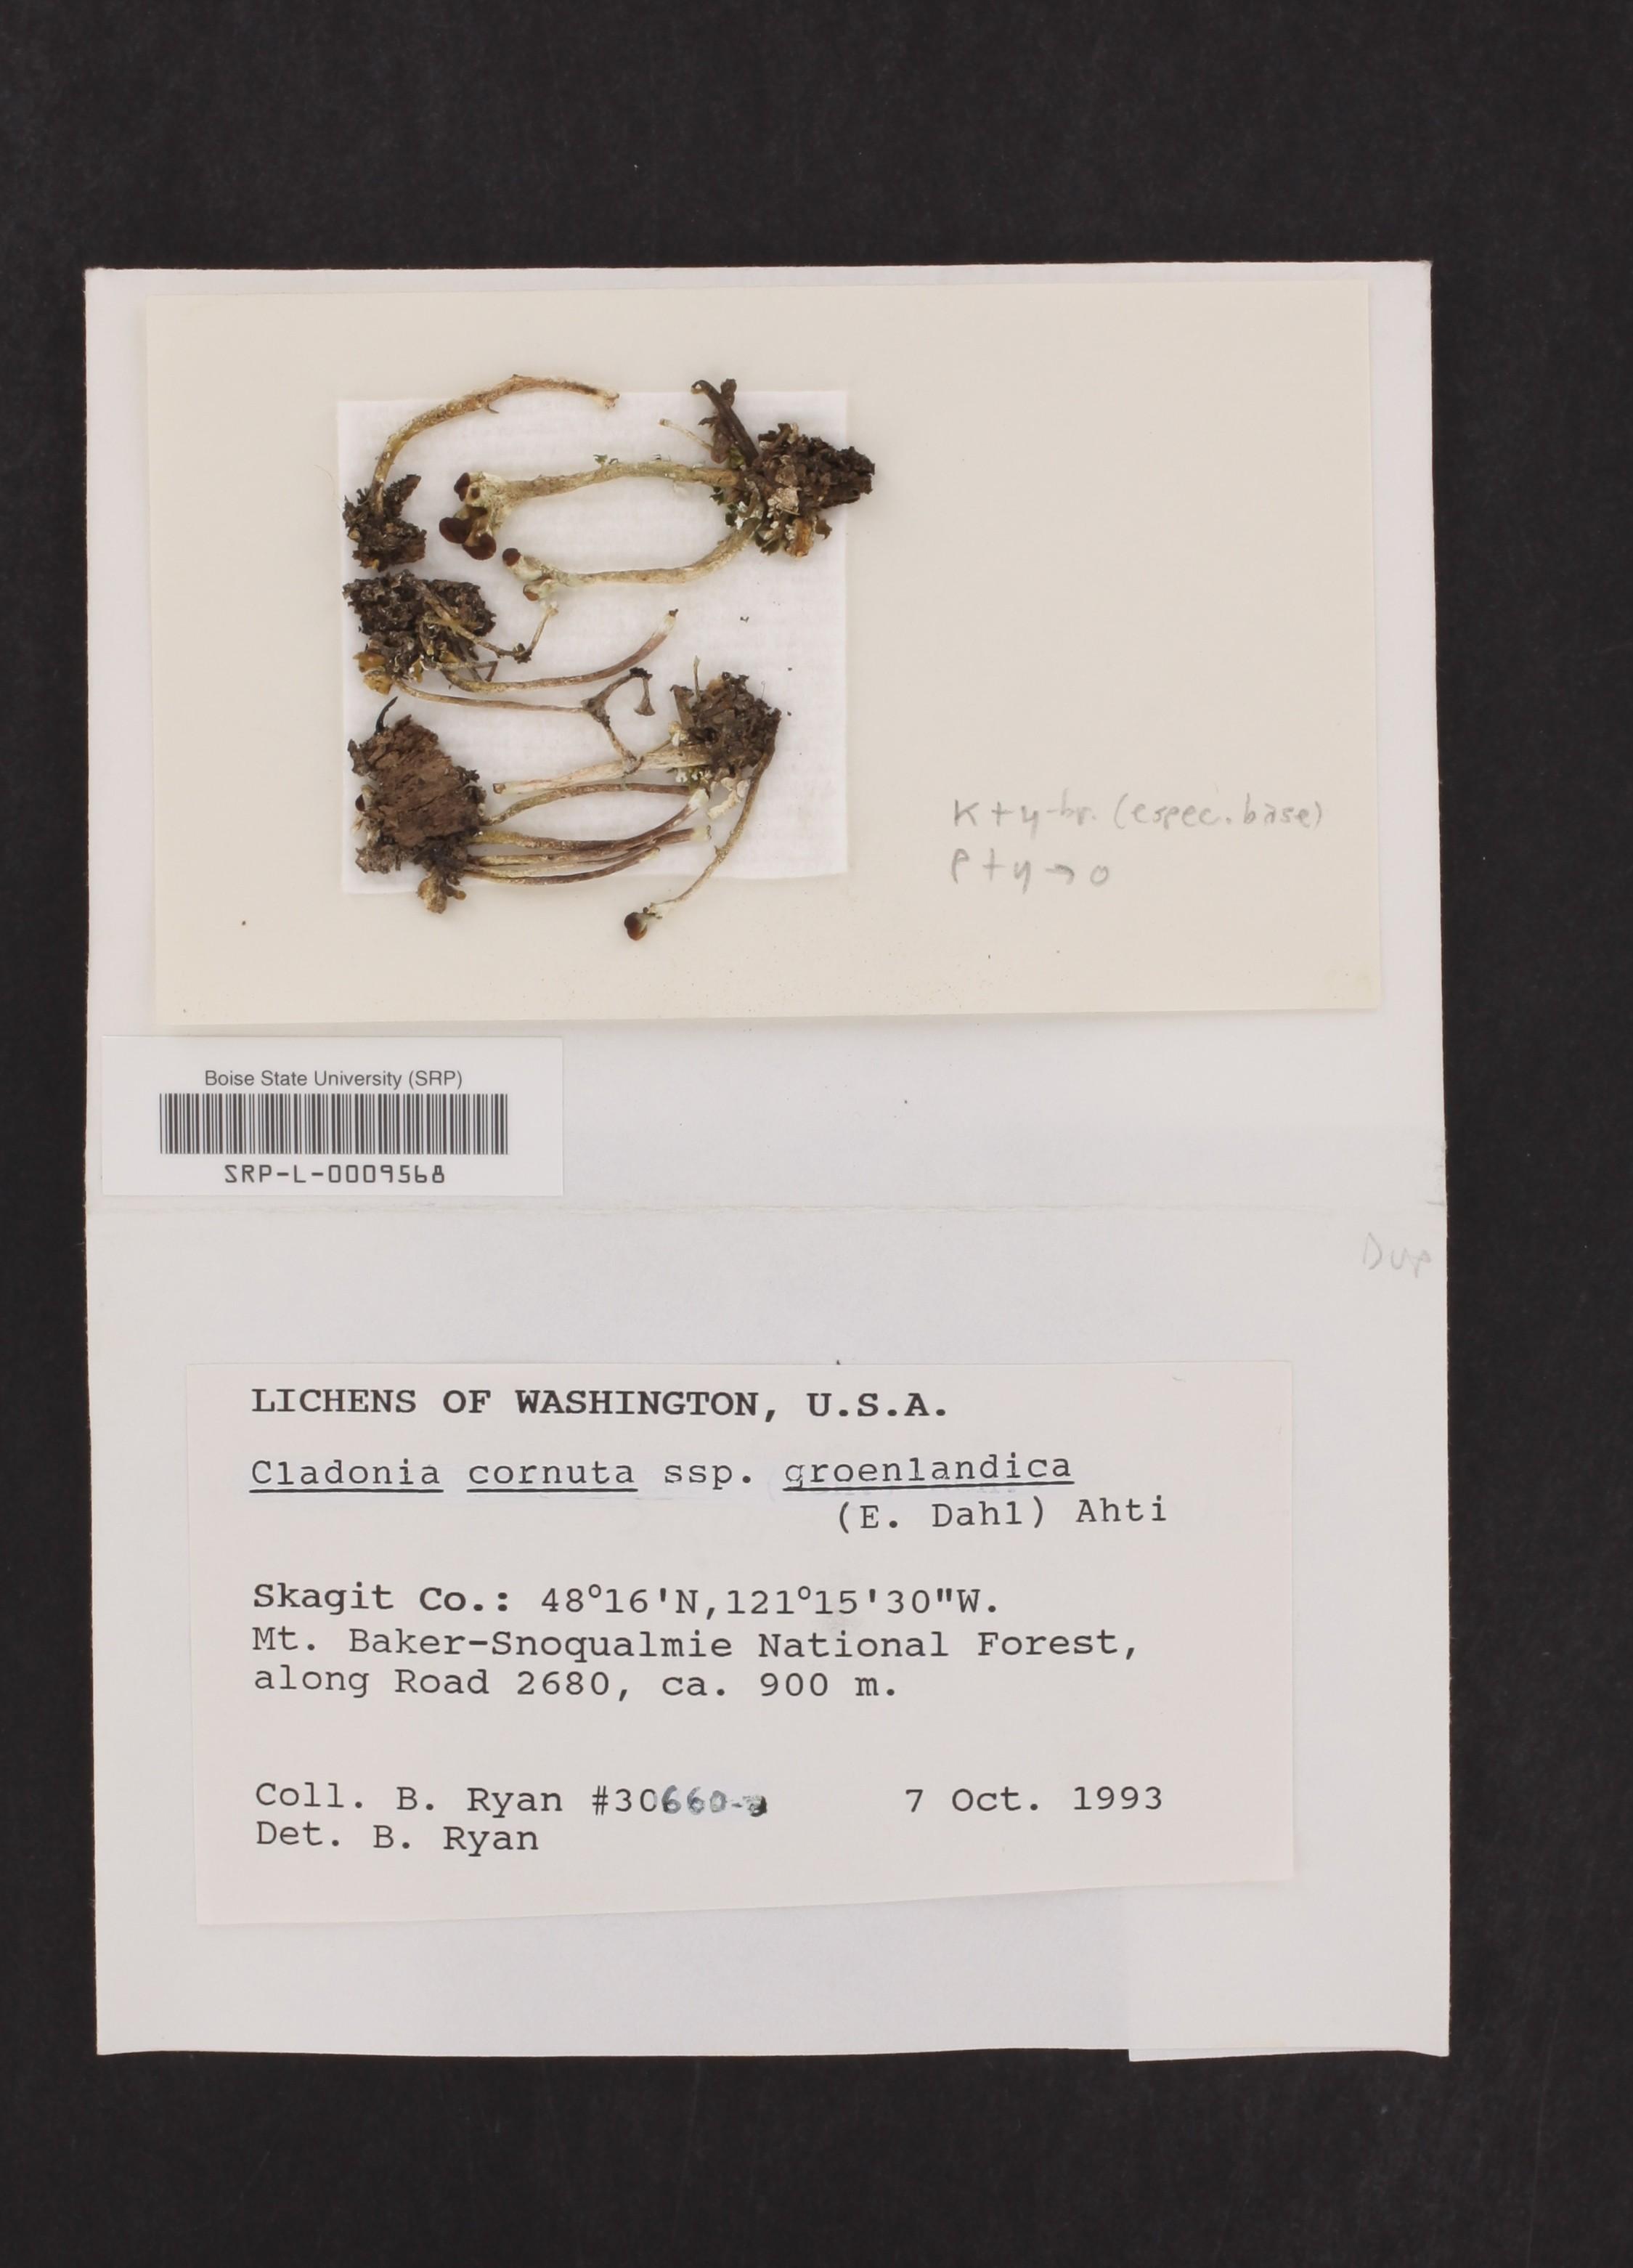 Cladonia cornuta subsp. groenlandica image